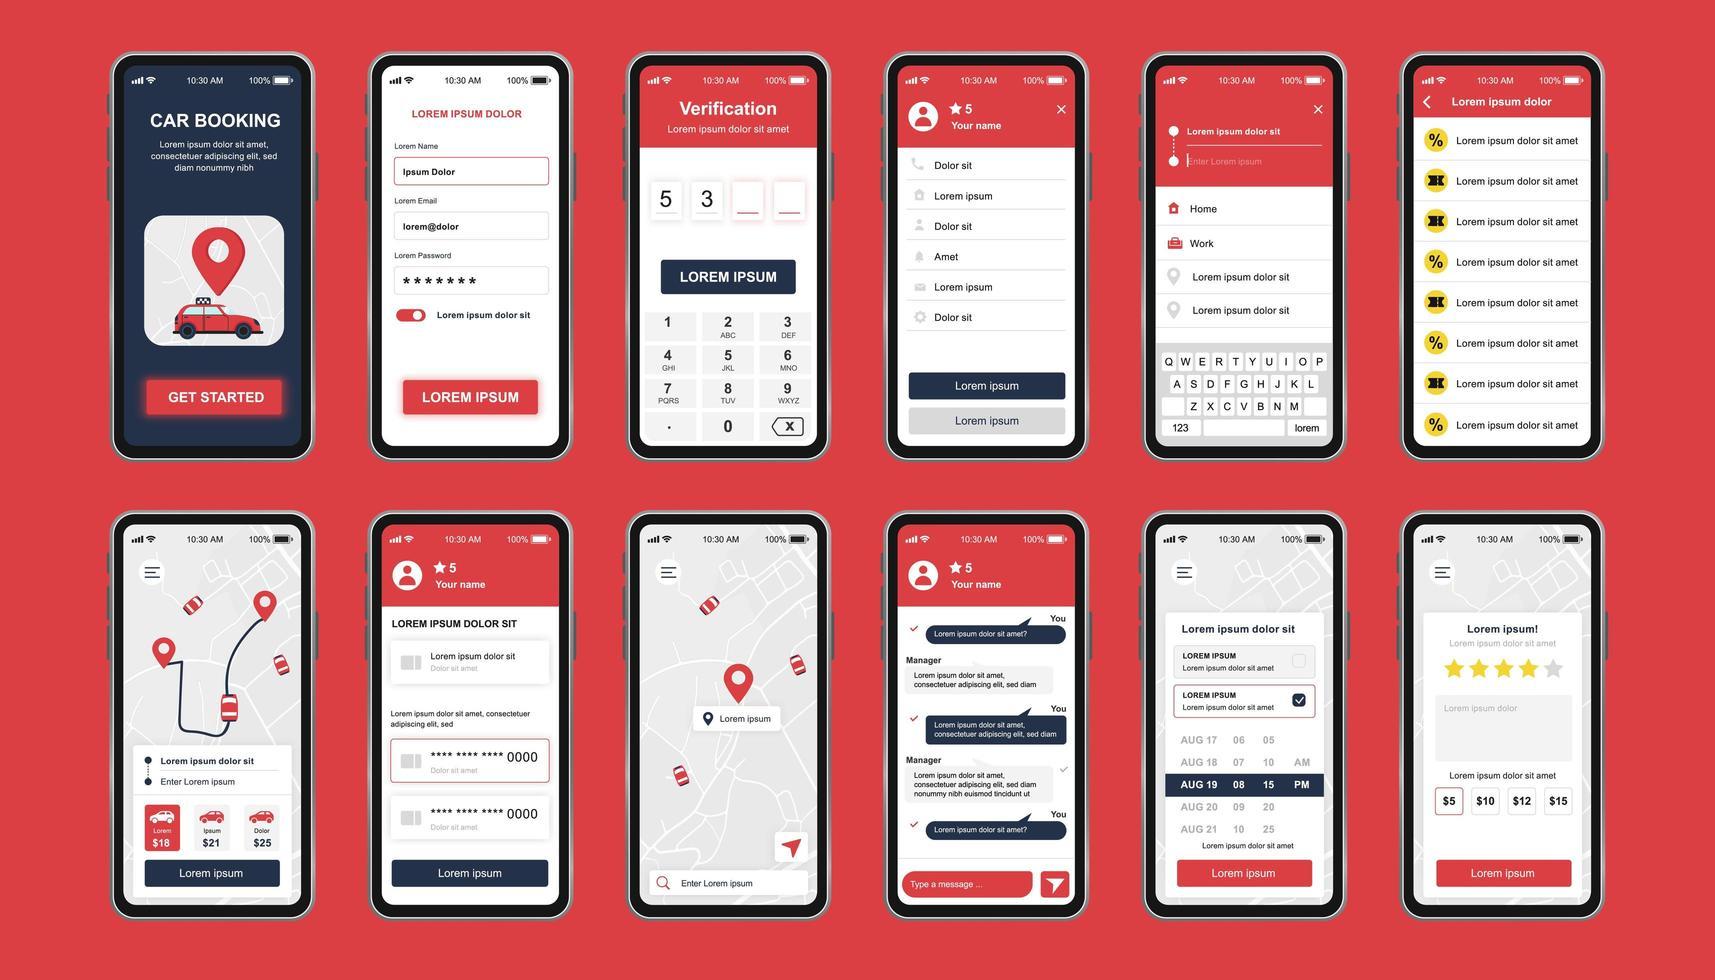 kit di design unico per prenotazione auto per app mobile vettore